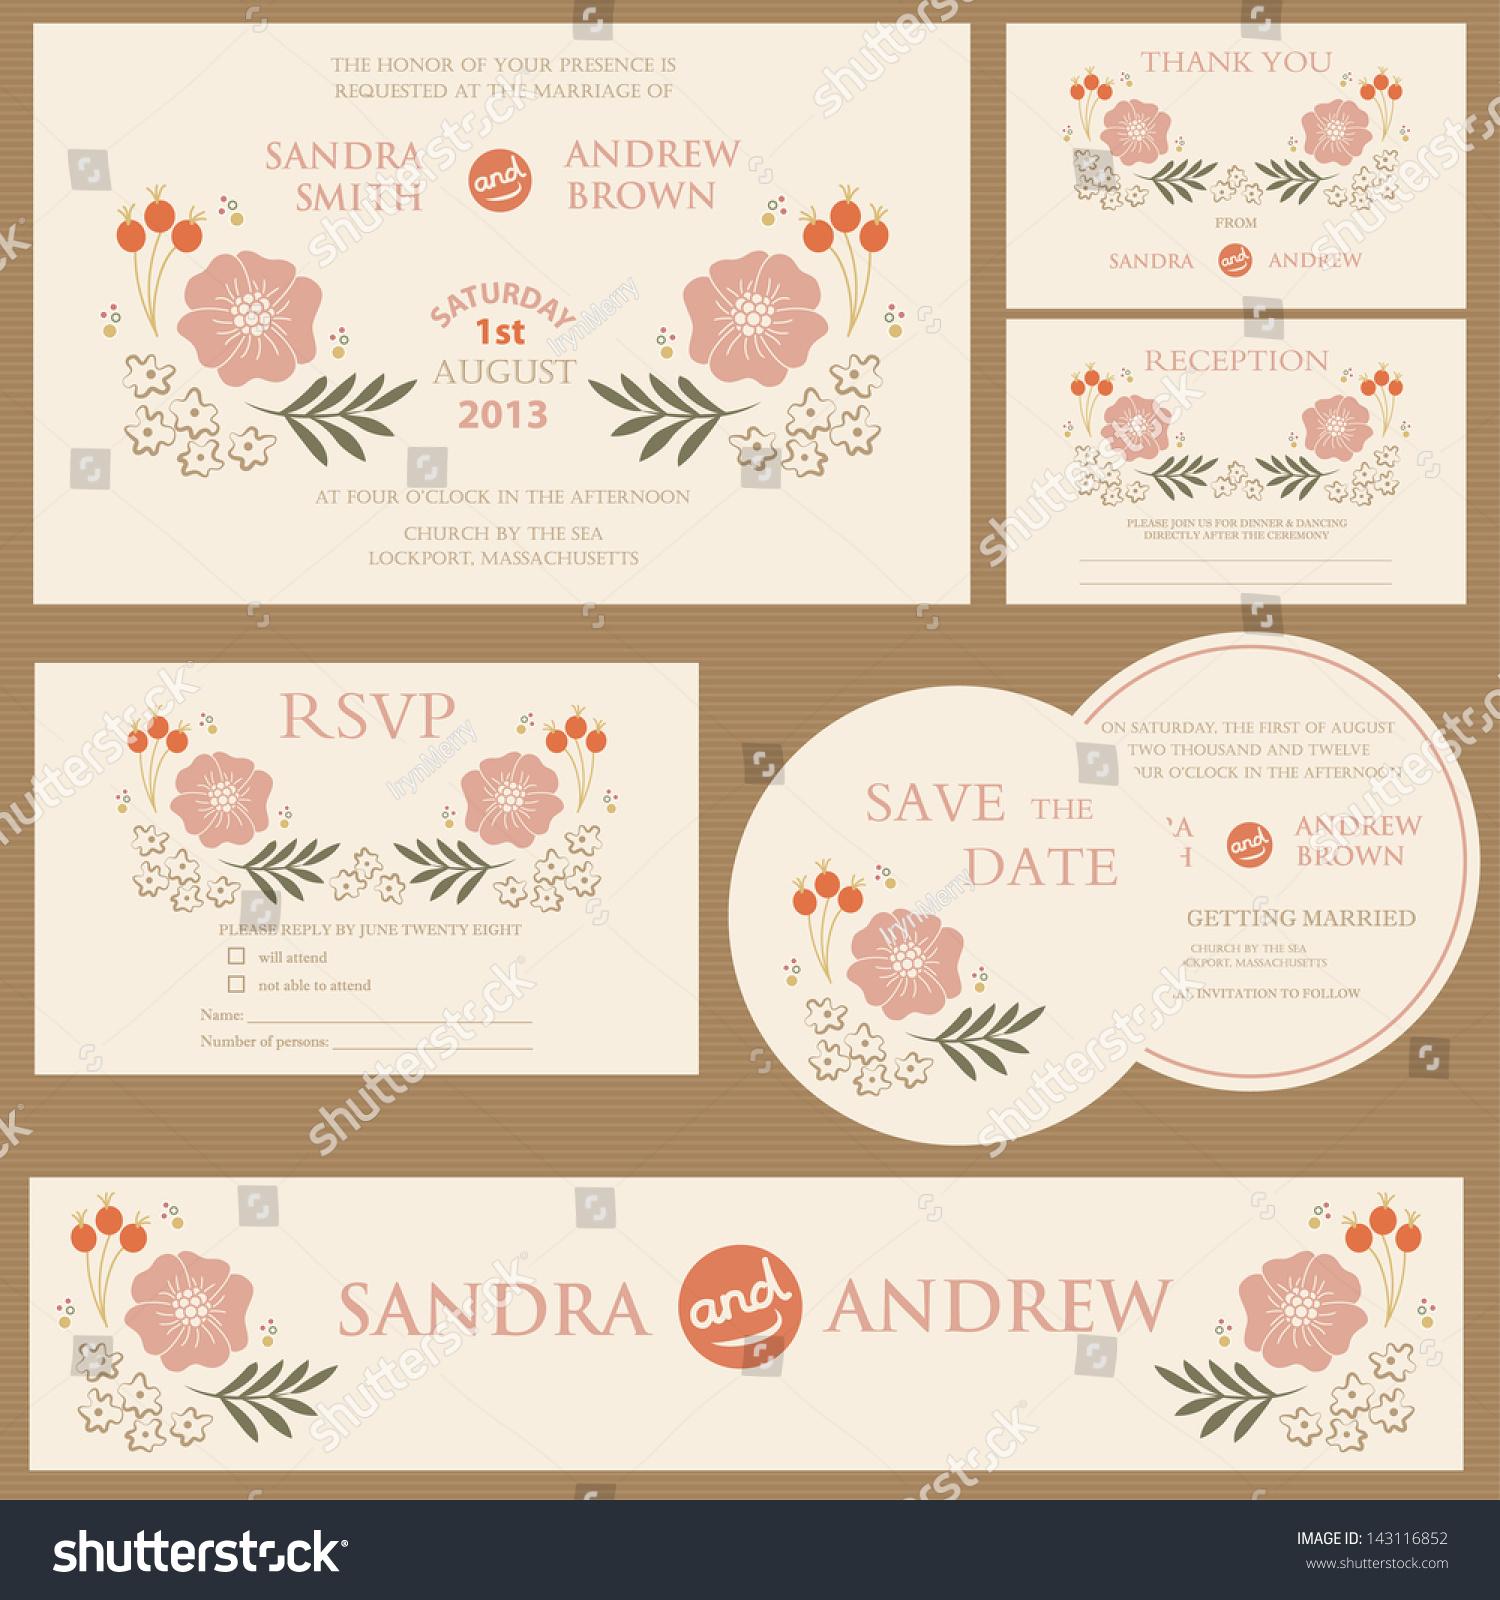 Beautiful Vintage Wedding Invitation Cards.